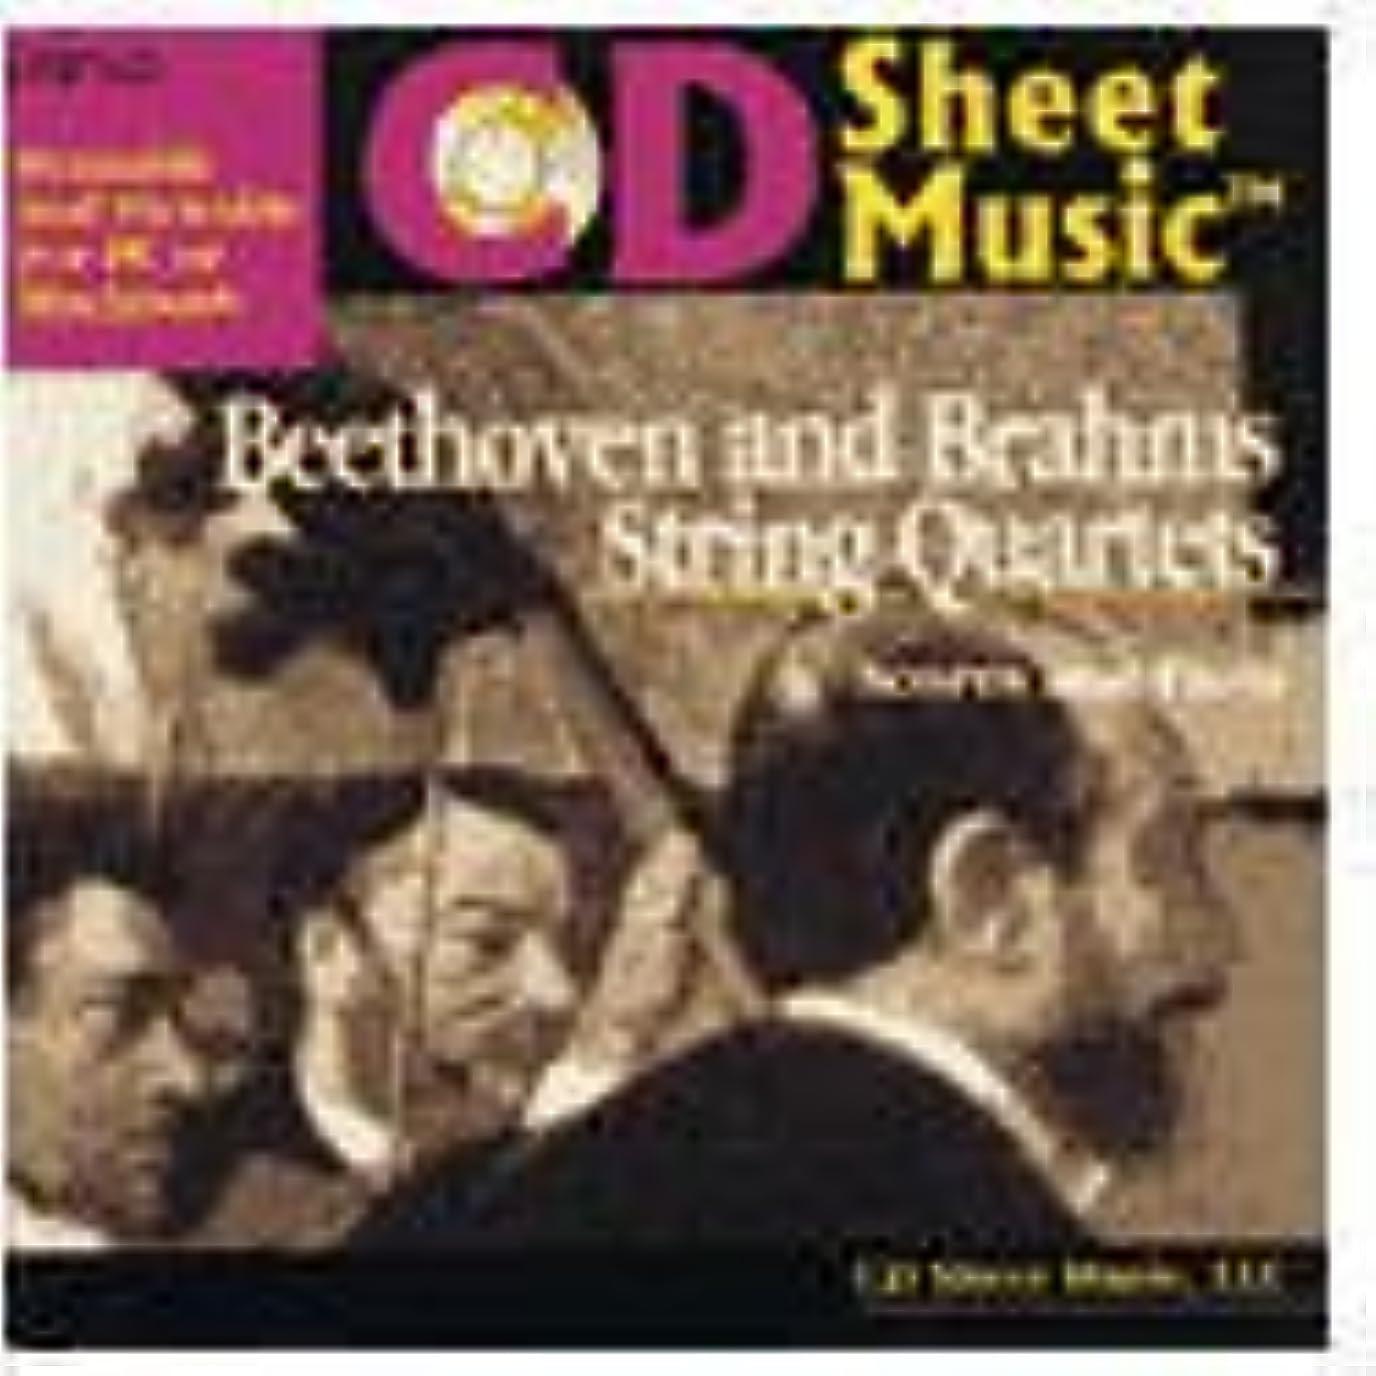 和らげる純粋に洗うCD Sheet Musicシリーズ ベートーヴェン&ブラームス弦楽四重奏曲選集 スコア&パートセット